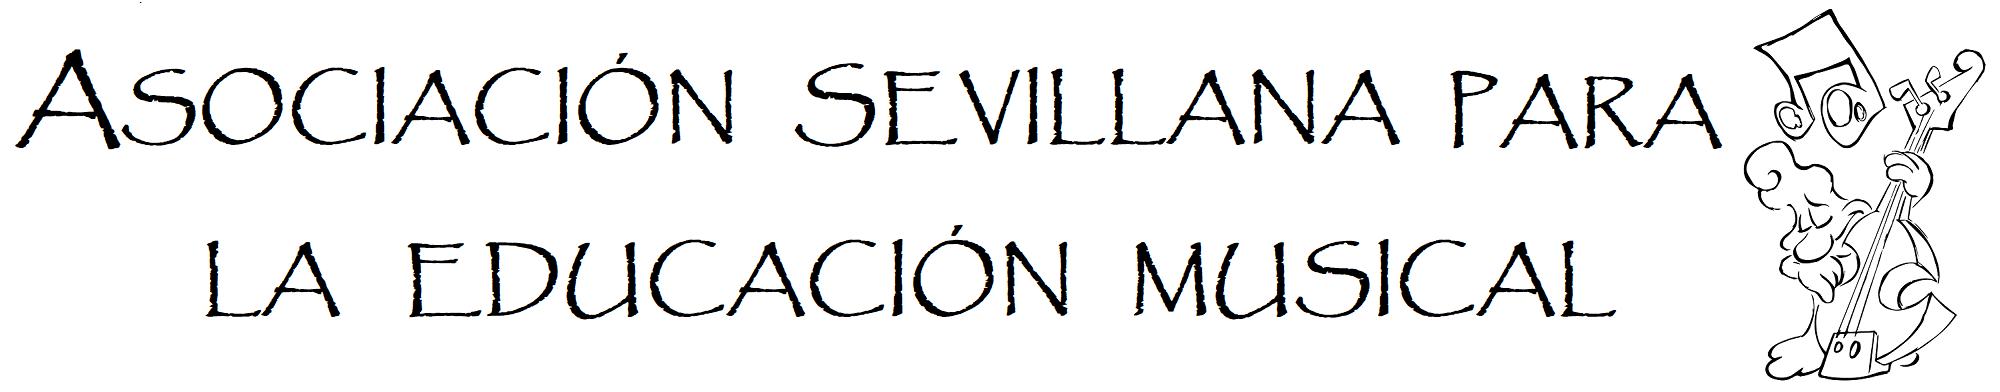 ASOCIACIÓN SEVILLANA PARA LA EDUCACIÓN MUSICAL